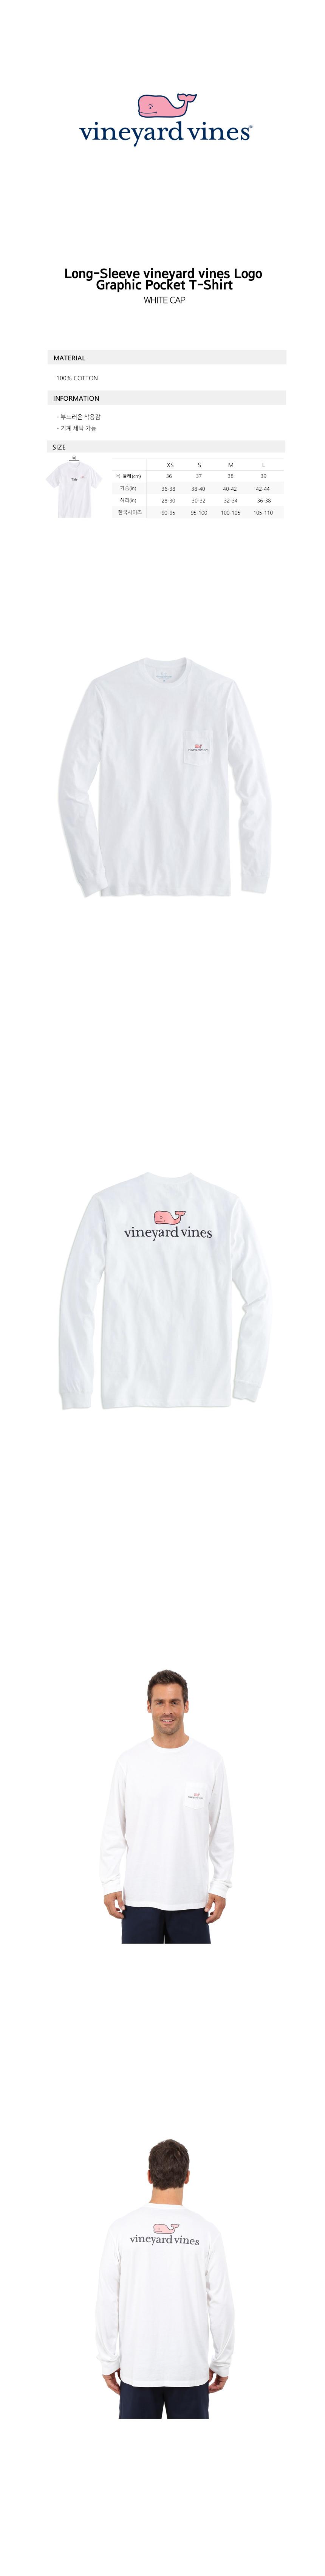 1V0250_whitecap100.jpg